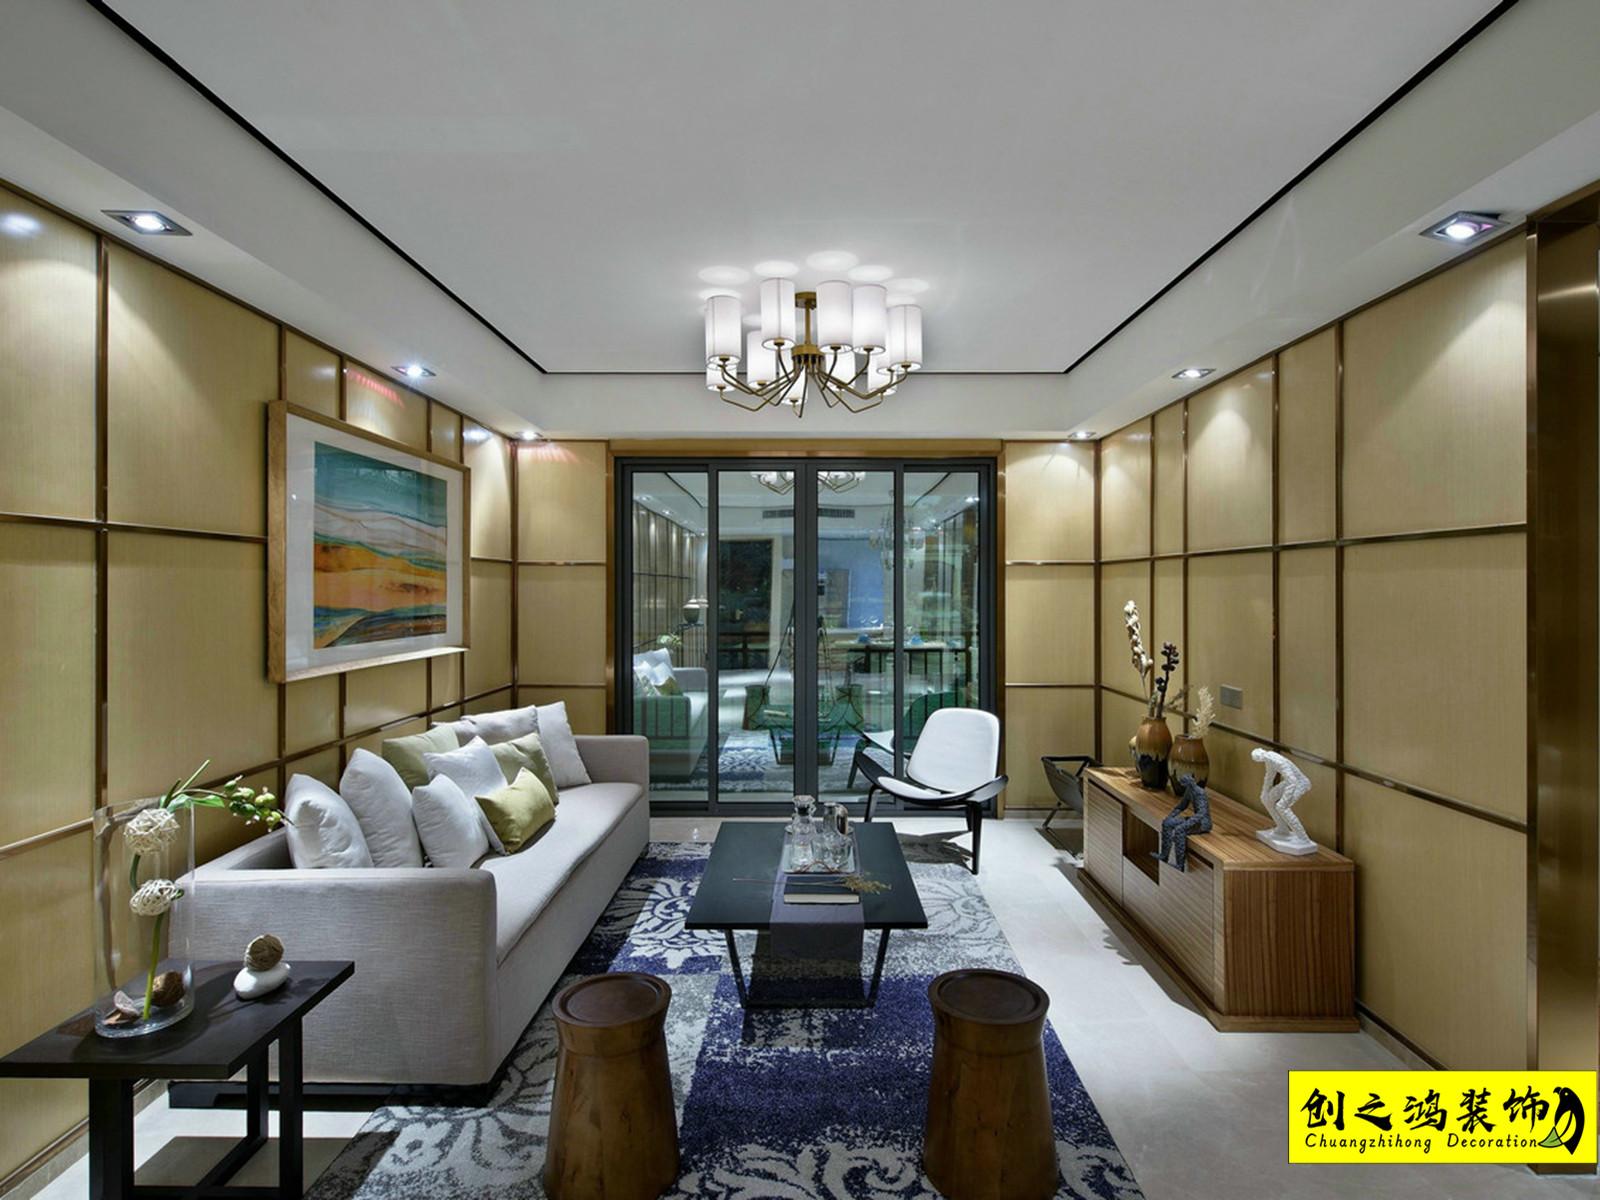 88㎡中海寰宇天下二室二厅现代简约风格装修效果图